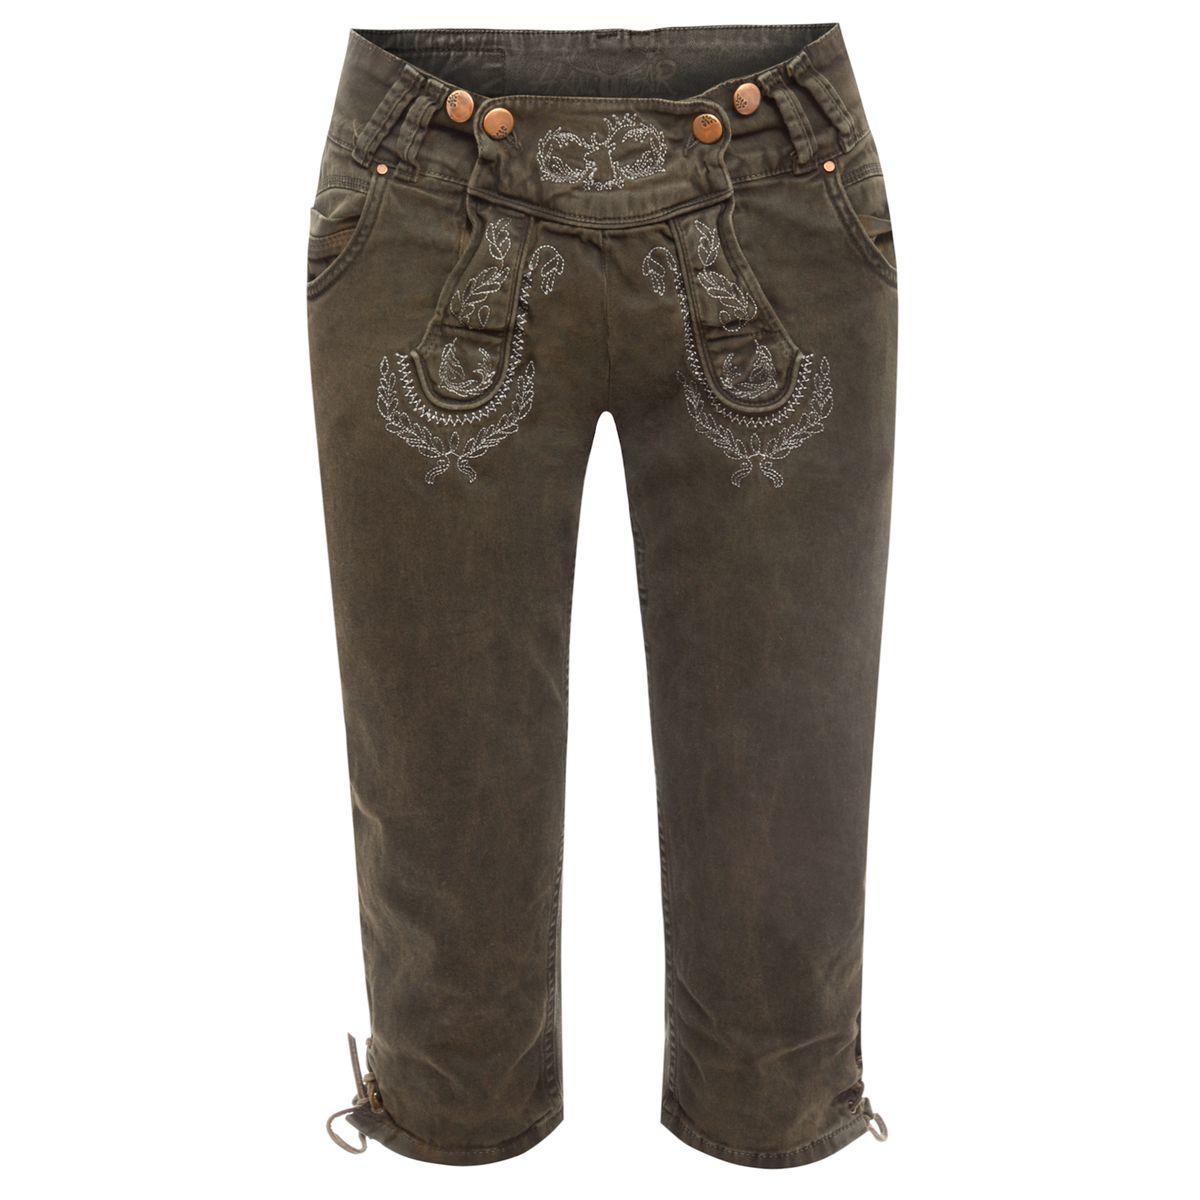 Jeans-Kniebundlederhose Nicole in Dunkelbraun von Hangowear günstig online kaufen